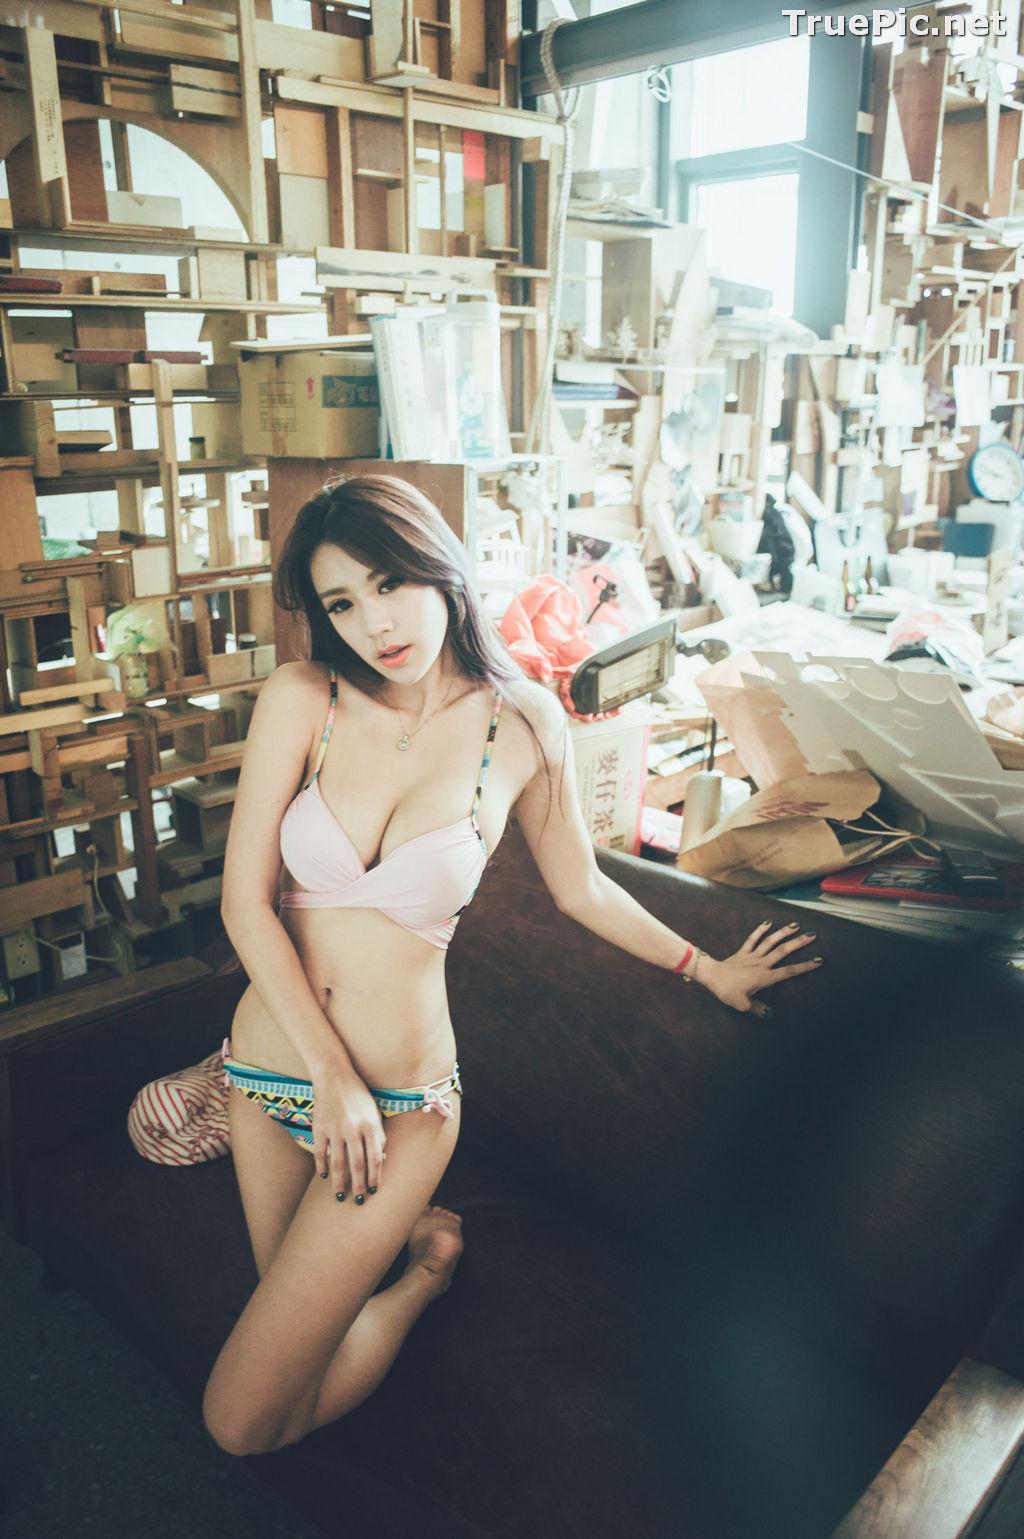 Image Taiwanese Model - 魏曼曼 (Amanda) - Bikini In The Room - TruePic.net - Picture-1